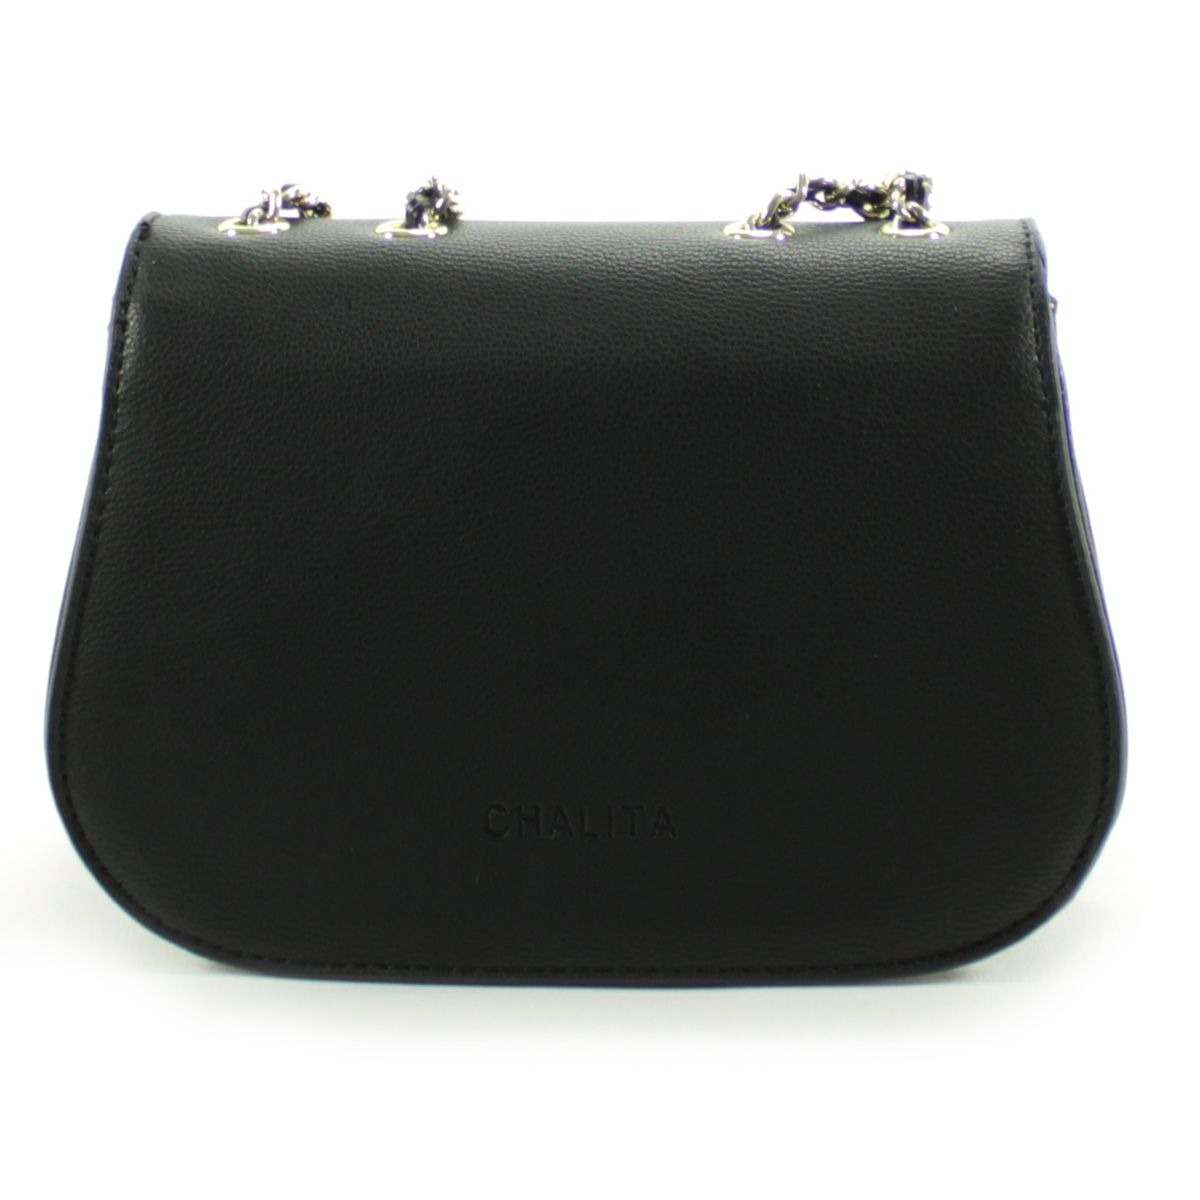 6a69a7443 bolsa carteira feminina alça corrente pequena original audaz. Carregando  zoom.